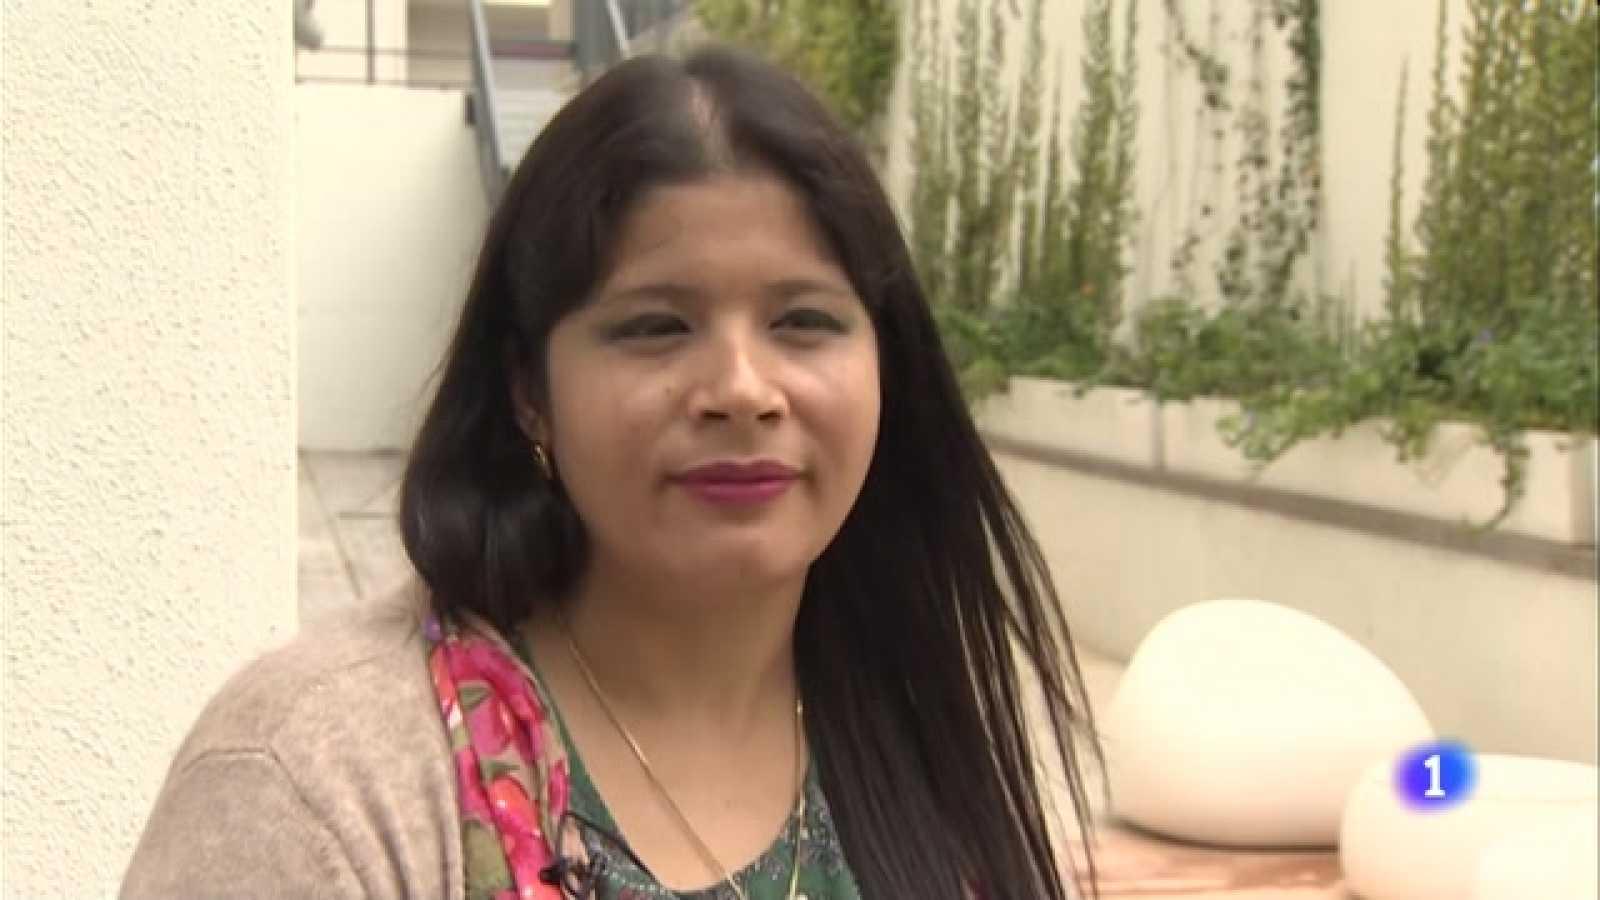 La CIBA ajuda dones maltractades a començar de nou